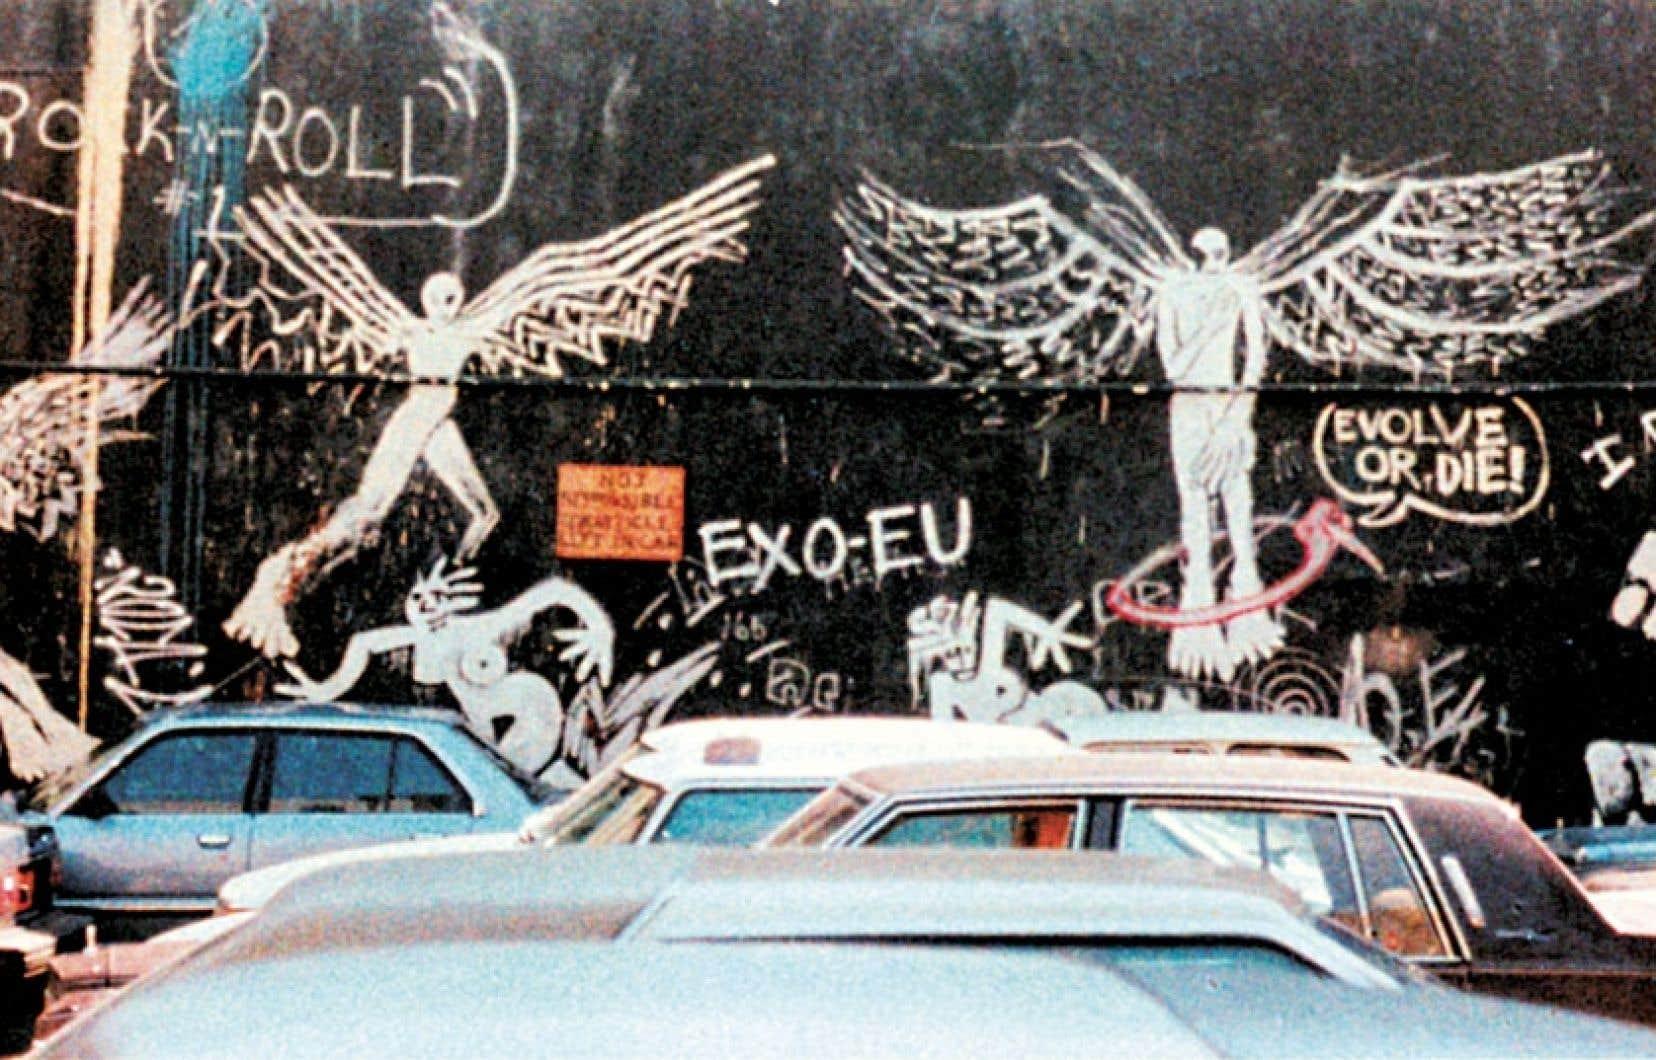 En 1982, le professeur suisse Lucien Dällenbach a déambulé pendant une semaine dans les rues de New York avec Claude Simon. Ils ont pris ensemble des photos de graffitis poétiques ou contestataires et d'entrepôts délabrés.